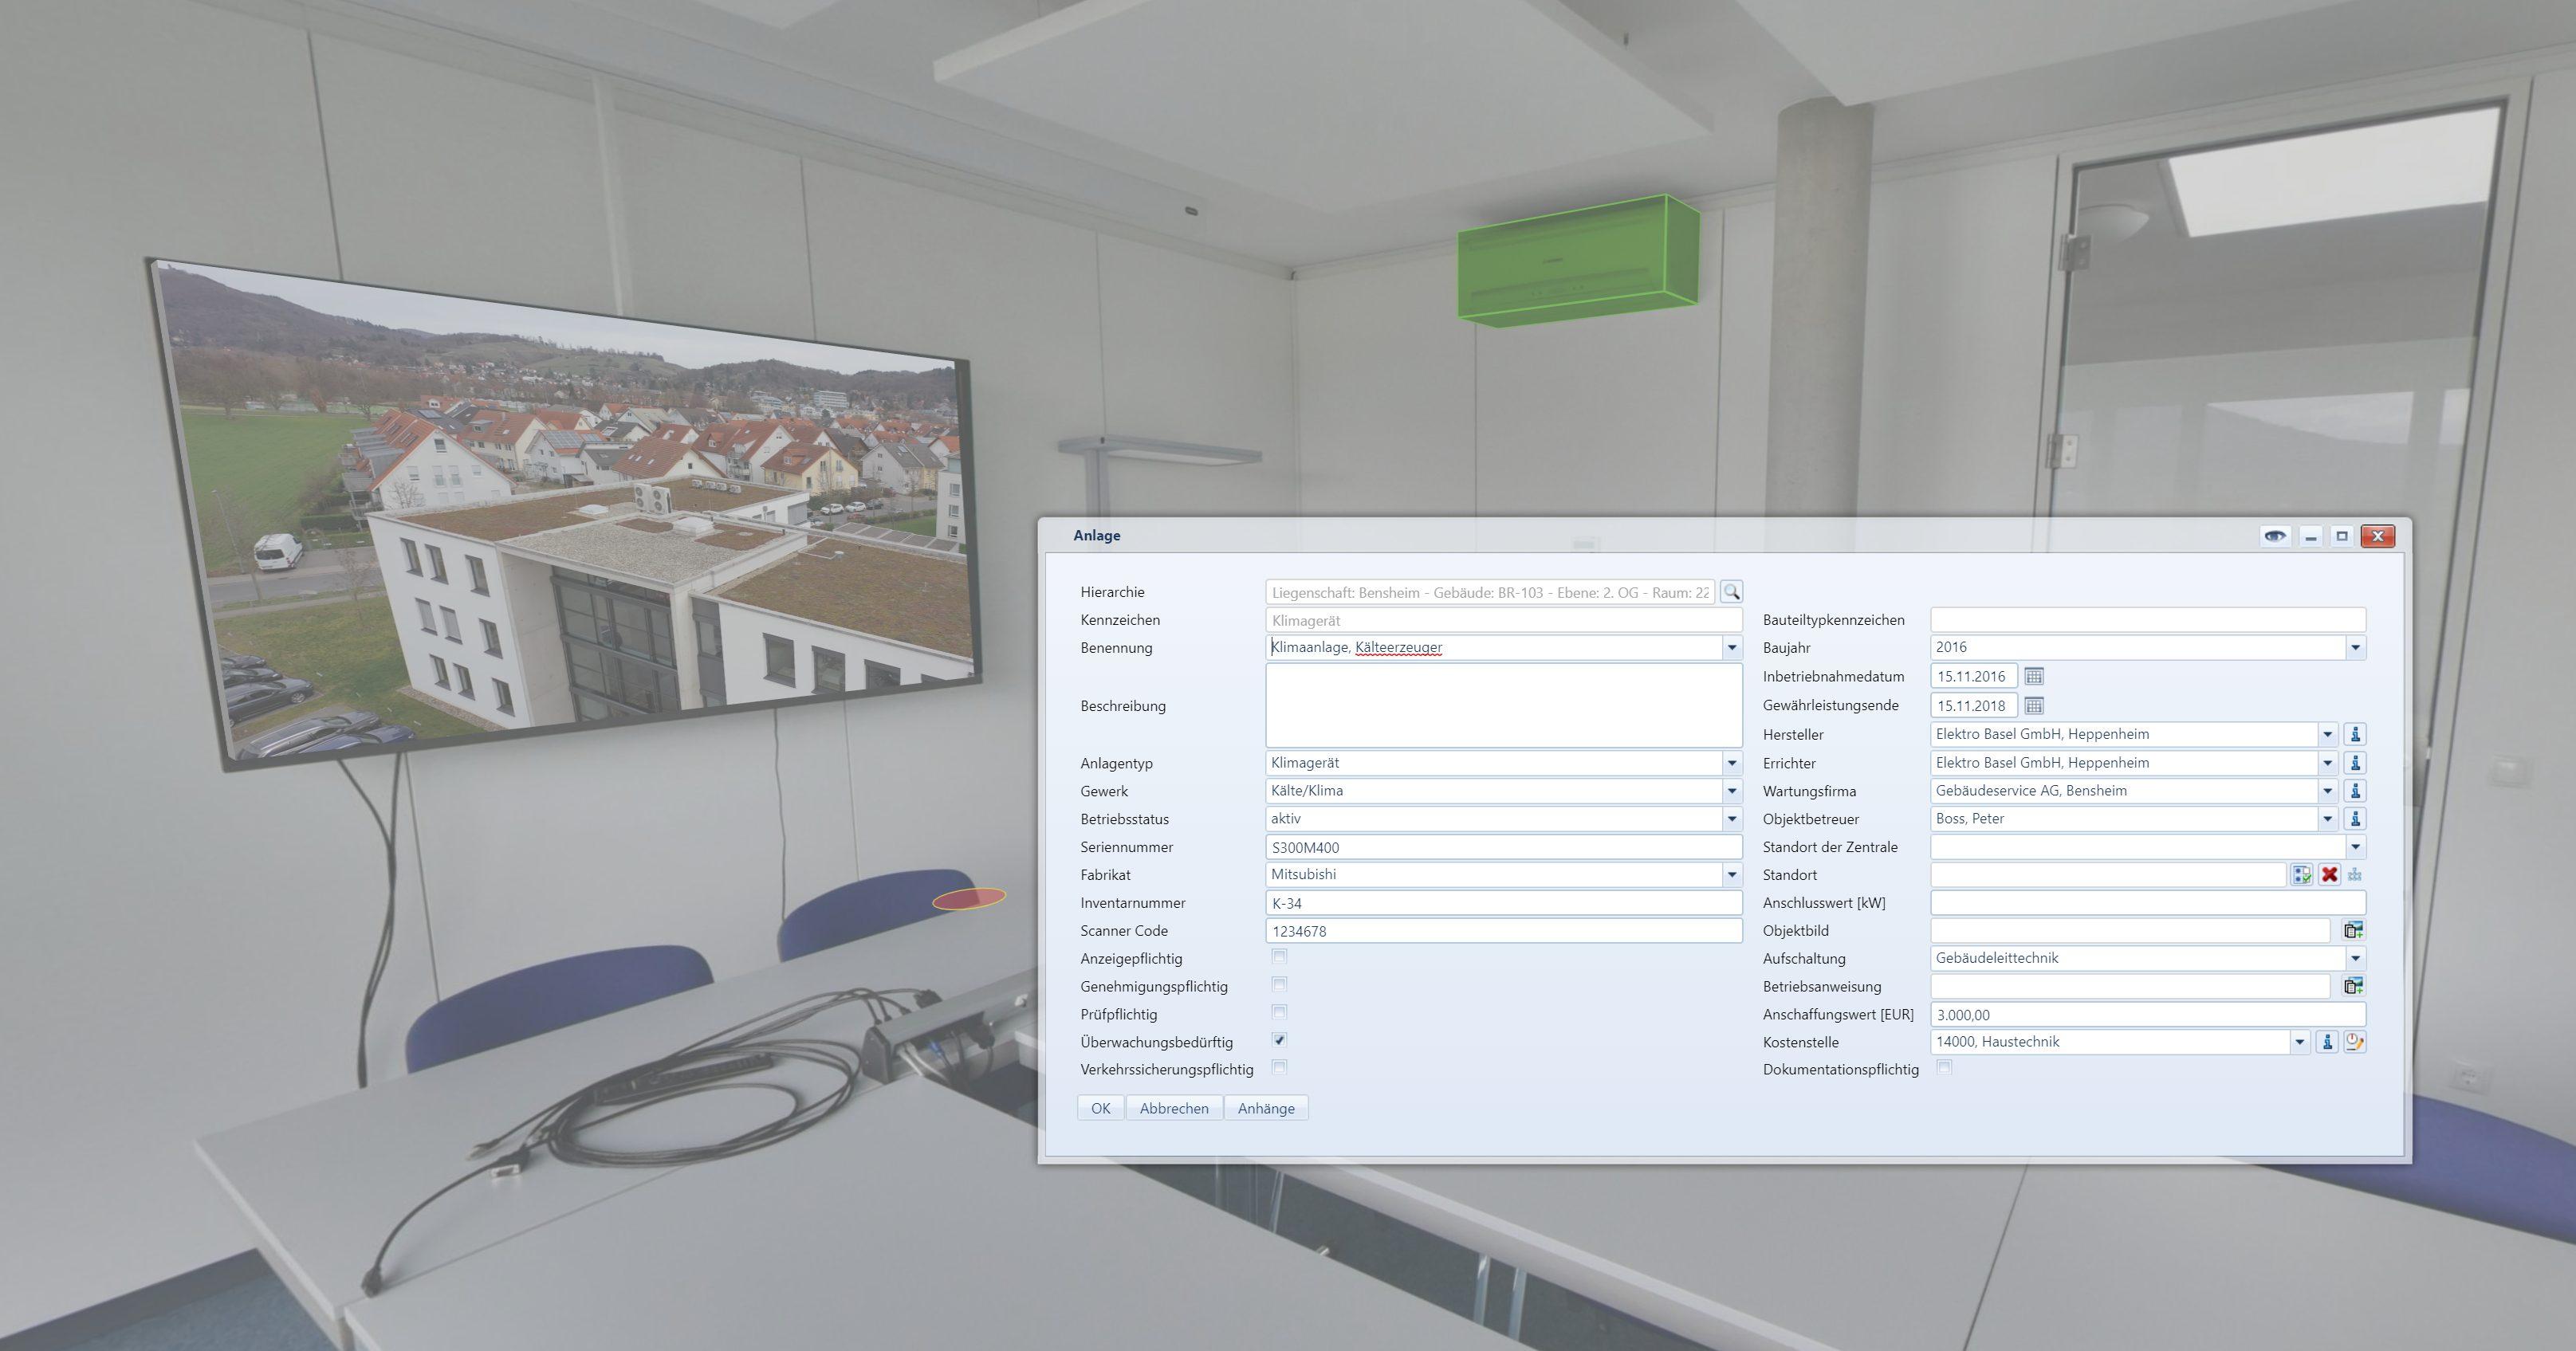 Informationen lassen sich in einer fotorealistischen Umgebung speichern. Vorhandene Datenbanken wie CAFM oder ERP können verknüpft werden. (Bild: Framence GmbH)